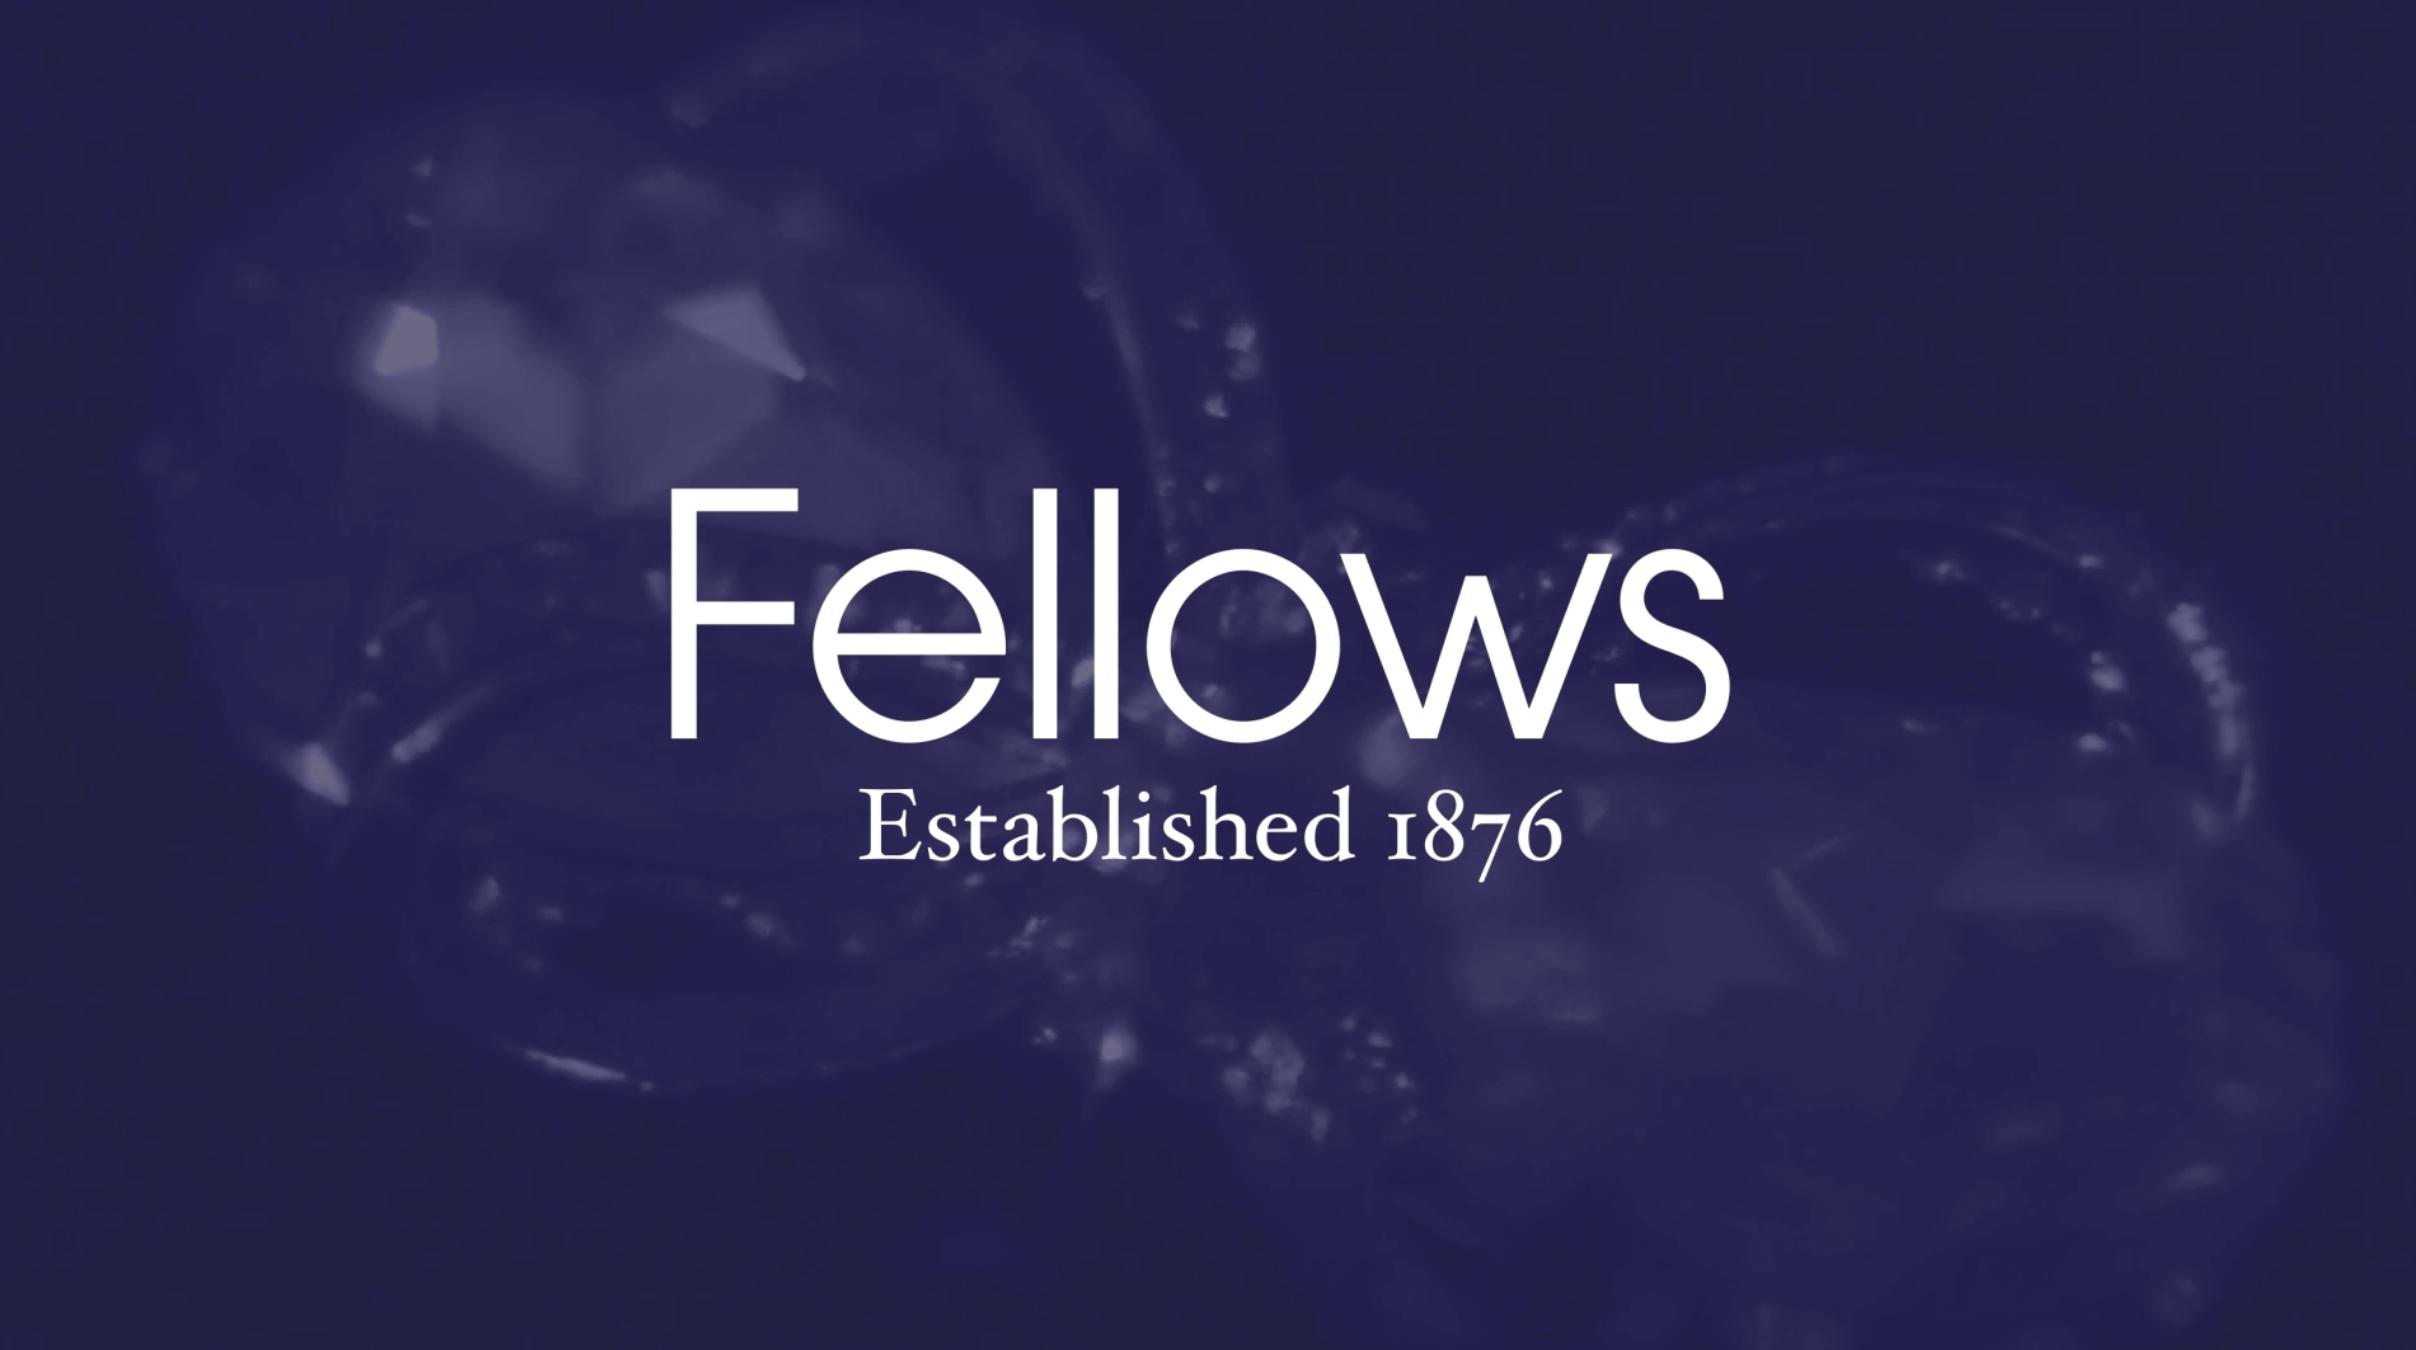 Fellows Social Media Promo